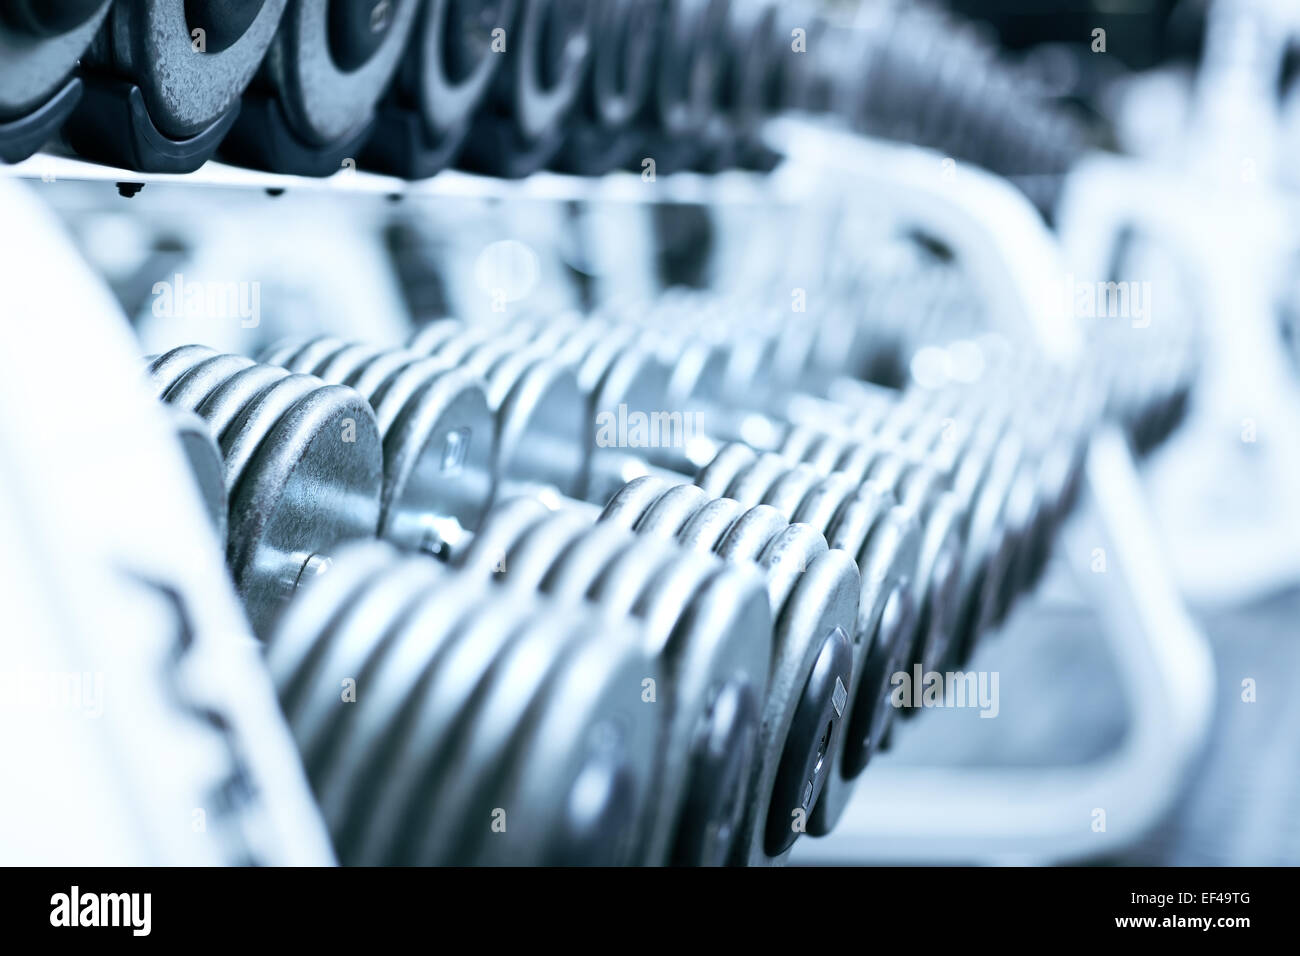 Hanteln im Fitnessstudio. Weiche blaue Tönung. Stockbild